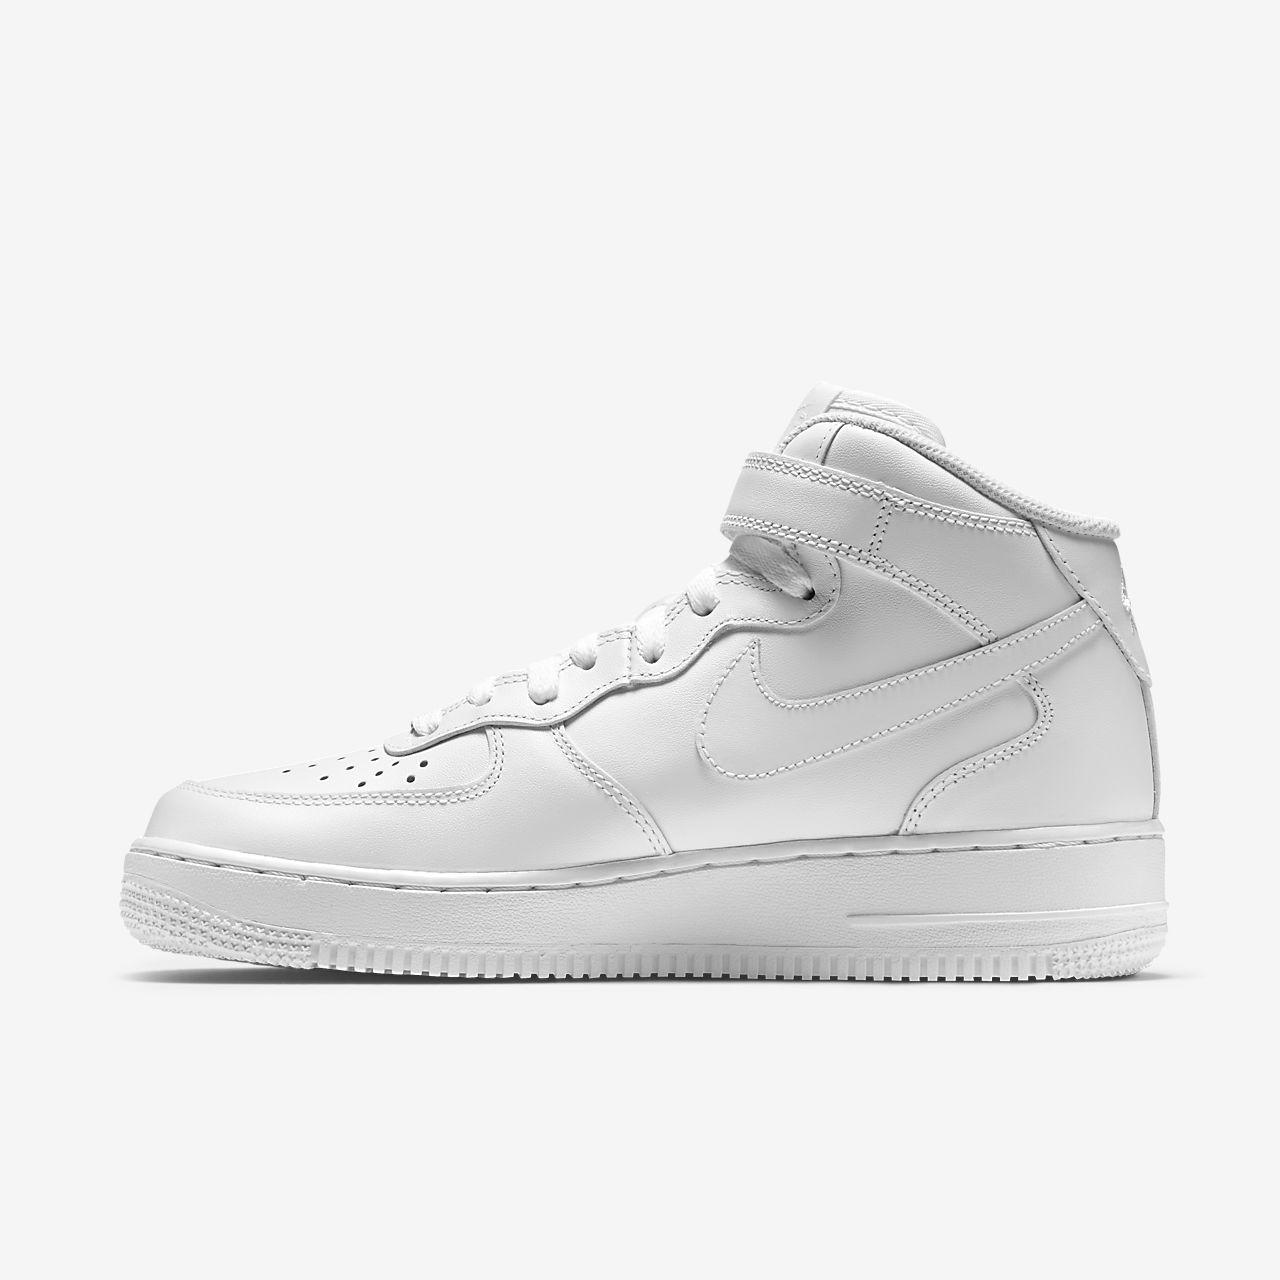 Wmns Air Force 1 Mi 07 Le - Chaussures De Sport Pour Femmes / Noir Nike l8i9v6Xbij